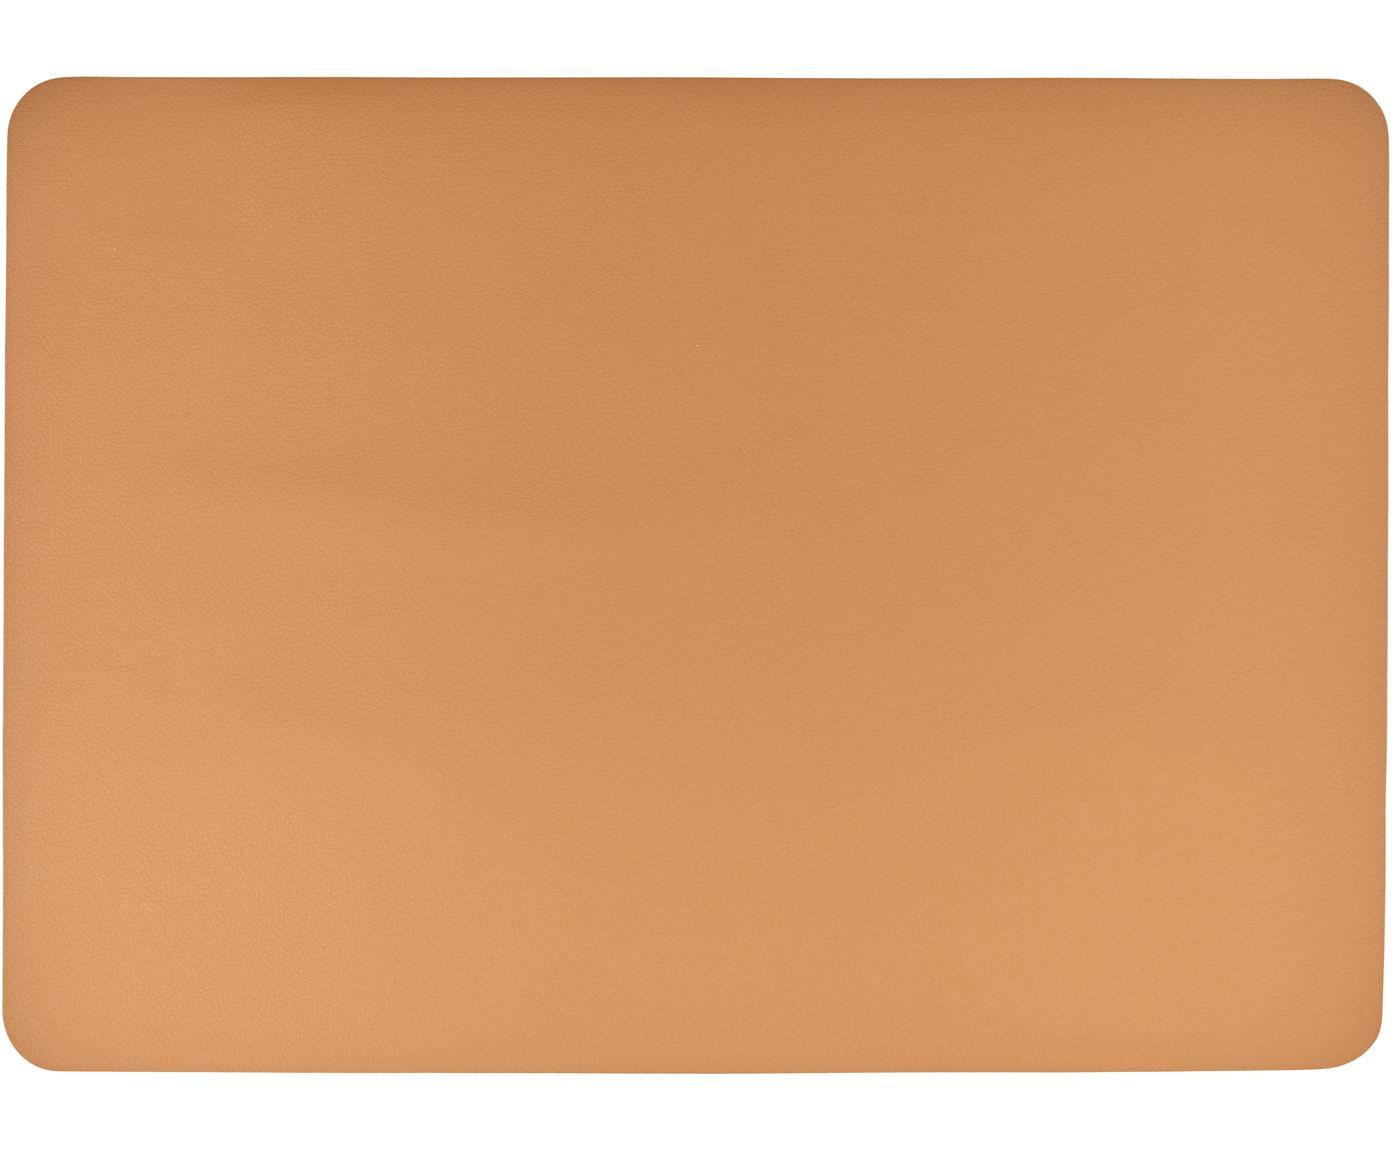 Kunststoffen onderzetters Pik in leerlook, 2 stuks, Kunststof (PVC) in leerlook, Caramelkleurig, 33 x 46 cm